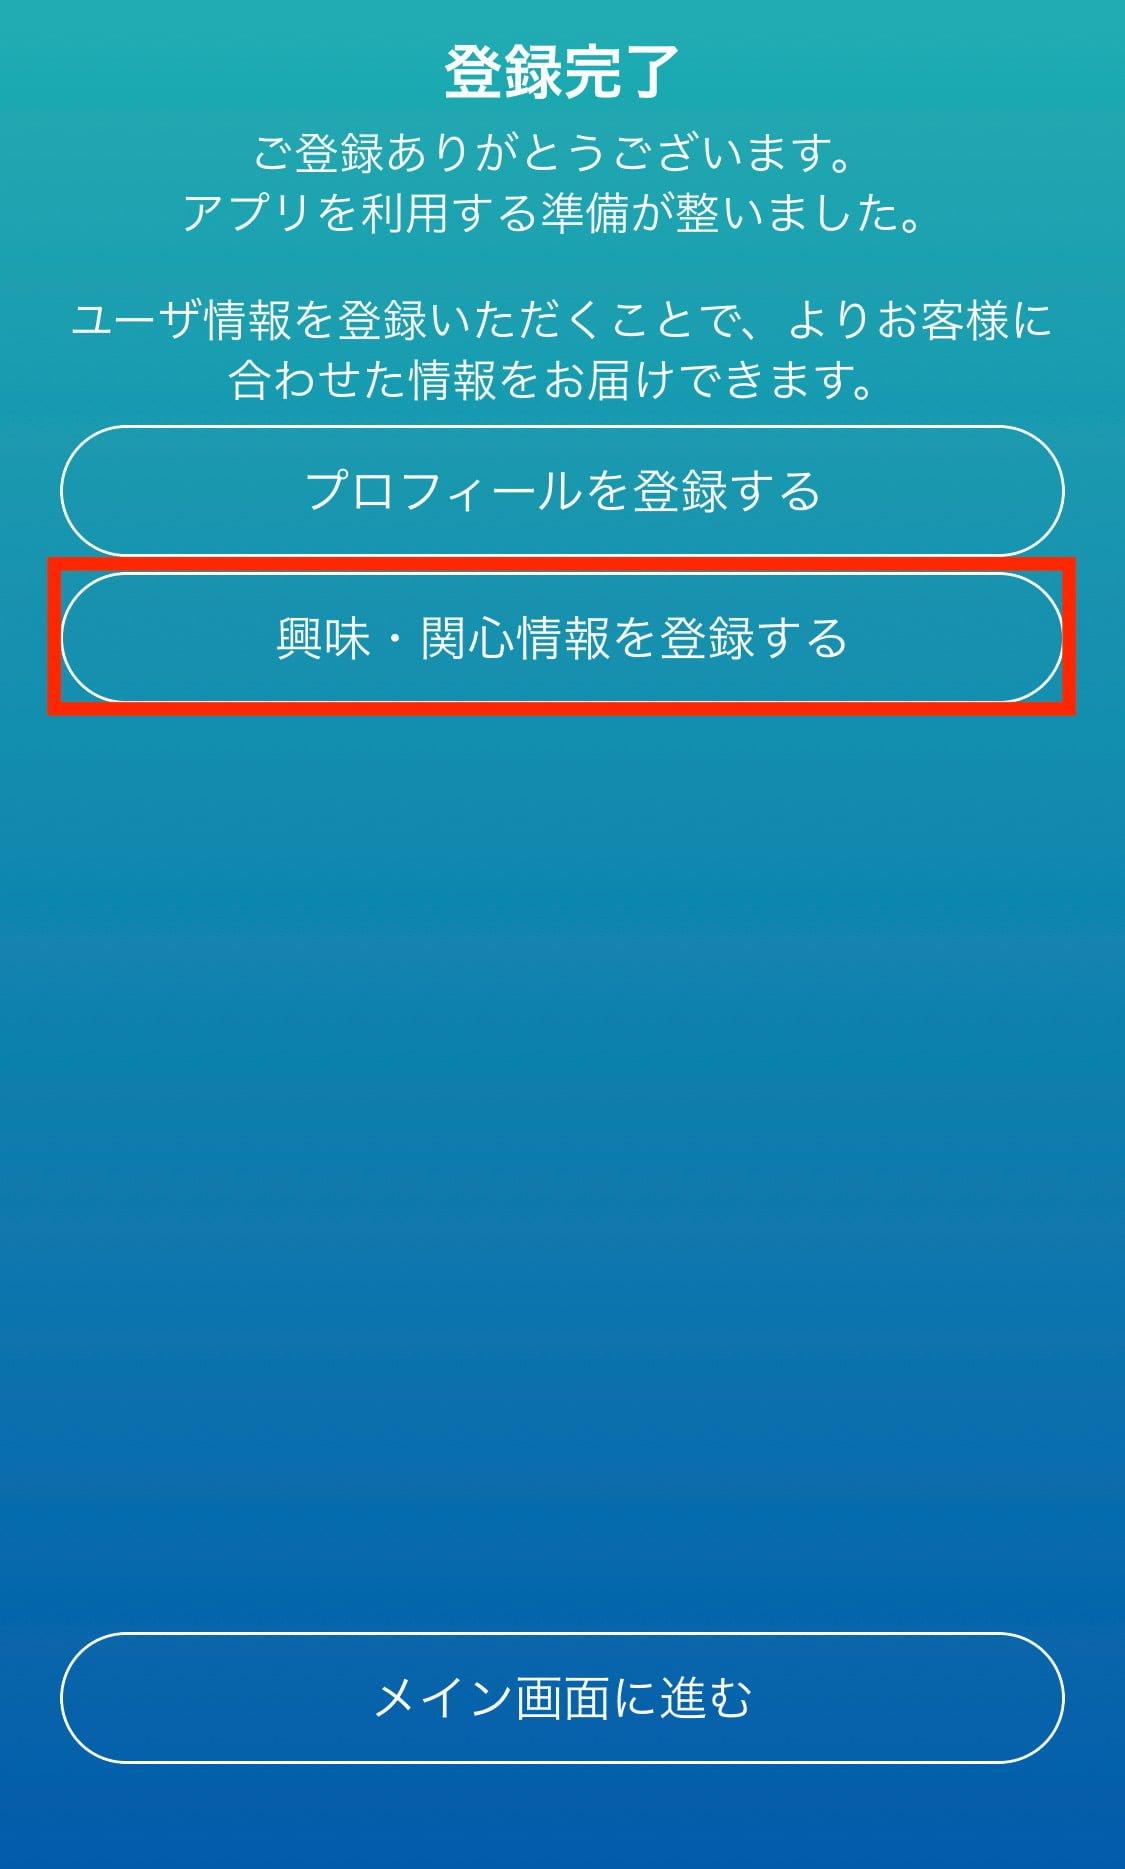 楽天ポイントアプリ興味・関心情報を登録する